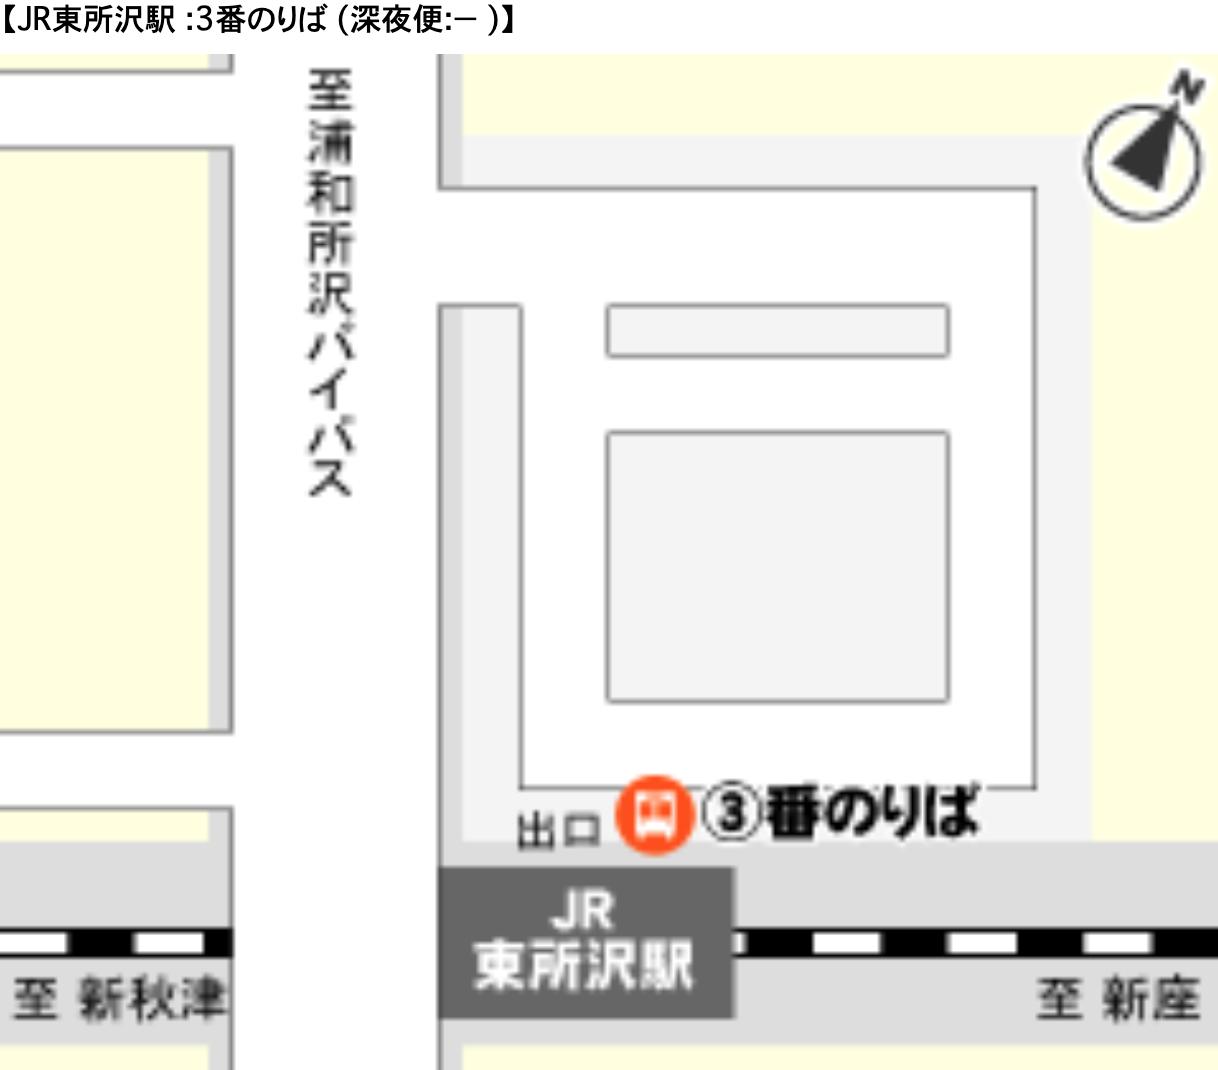 空港バス 東所沢駅 案内図